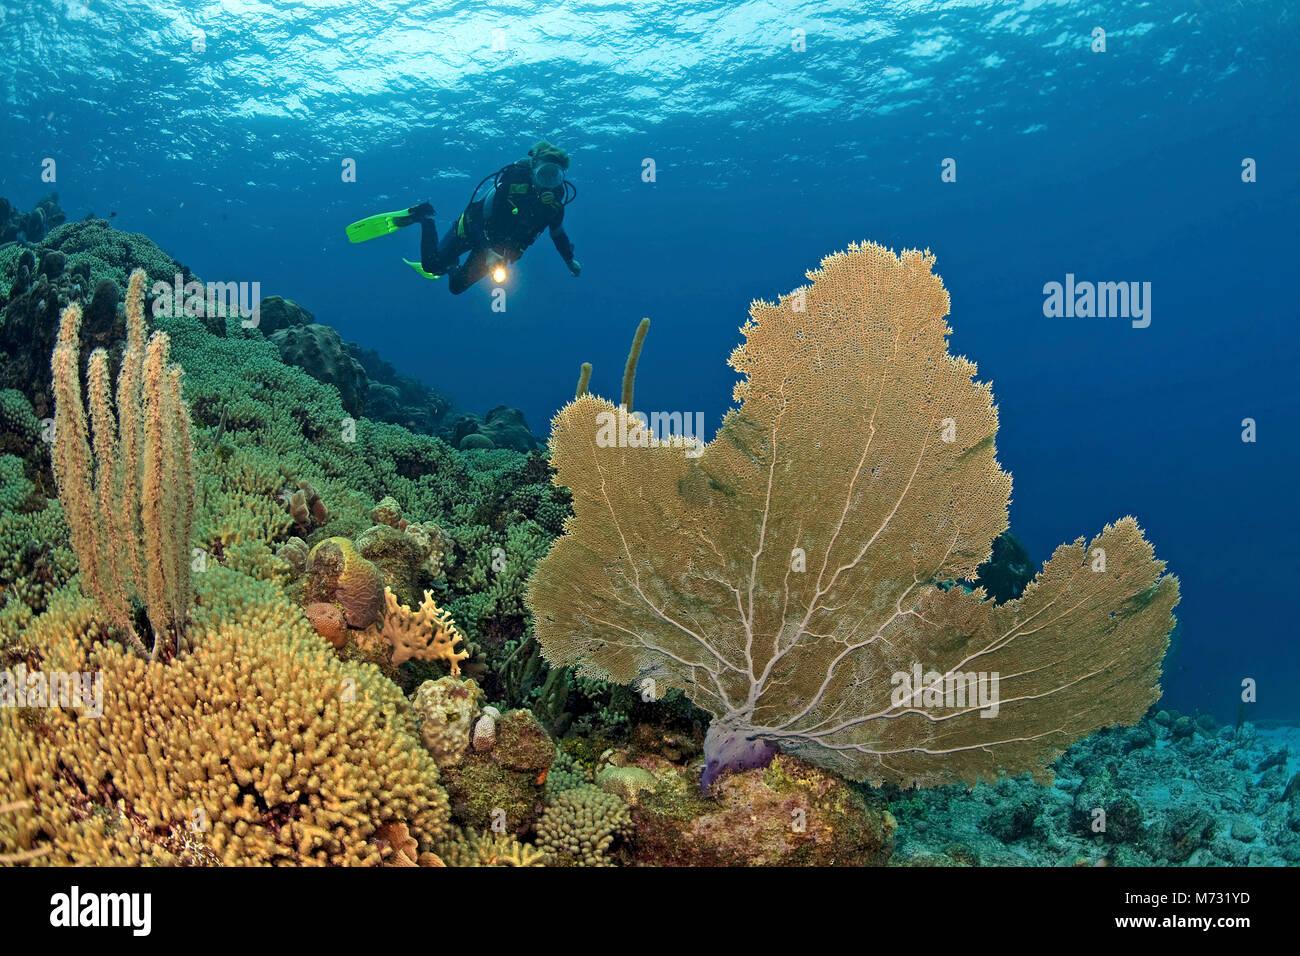 Plongée sous-marine dans les récifs coralliens des Caraïbes avec un géant seafan (Gorgonia ventalina), Curaçao, Antilles néerlandaises, Caraïbes, mer des Caraïbes Banque D'Images